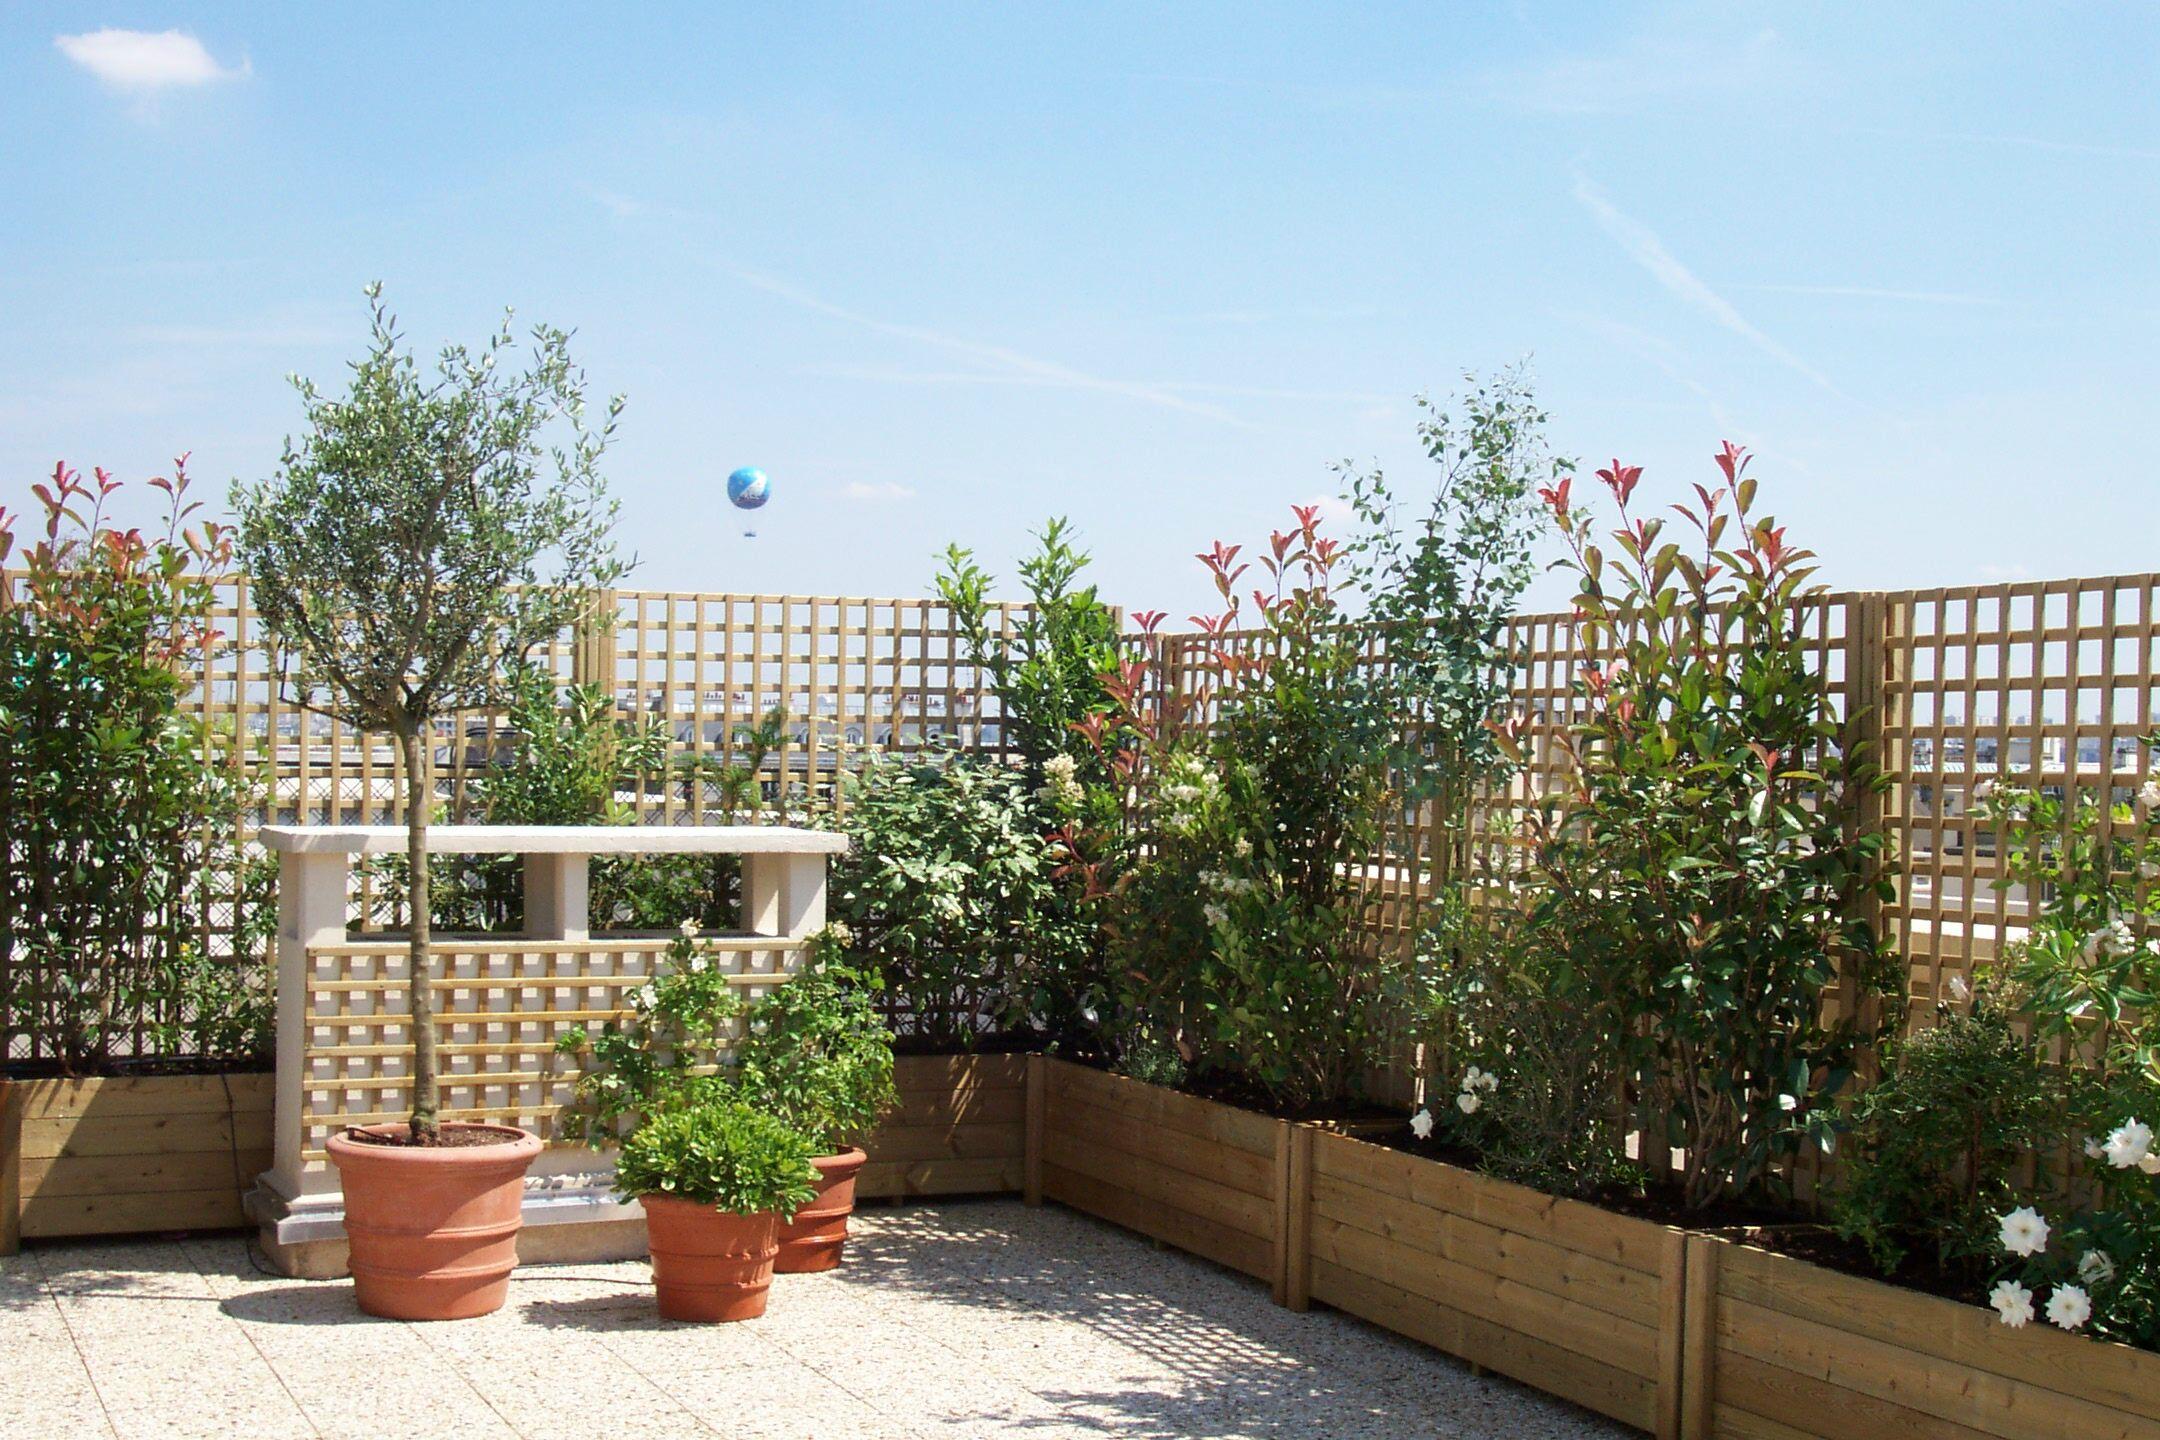 Cacher Vis A Vis Jardin Pas Cher – Gamboahinestrosa serapportantà Cacher Vis A Vis Jardin Pas Cher